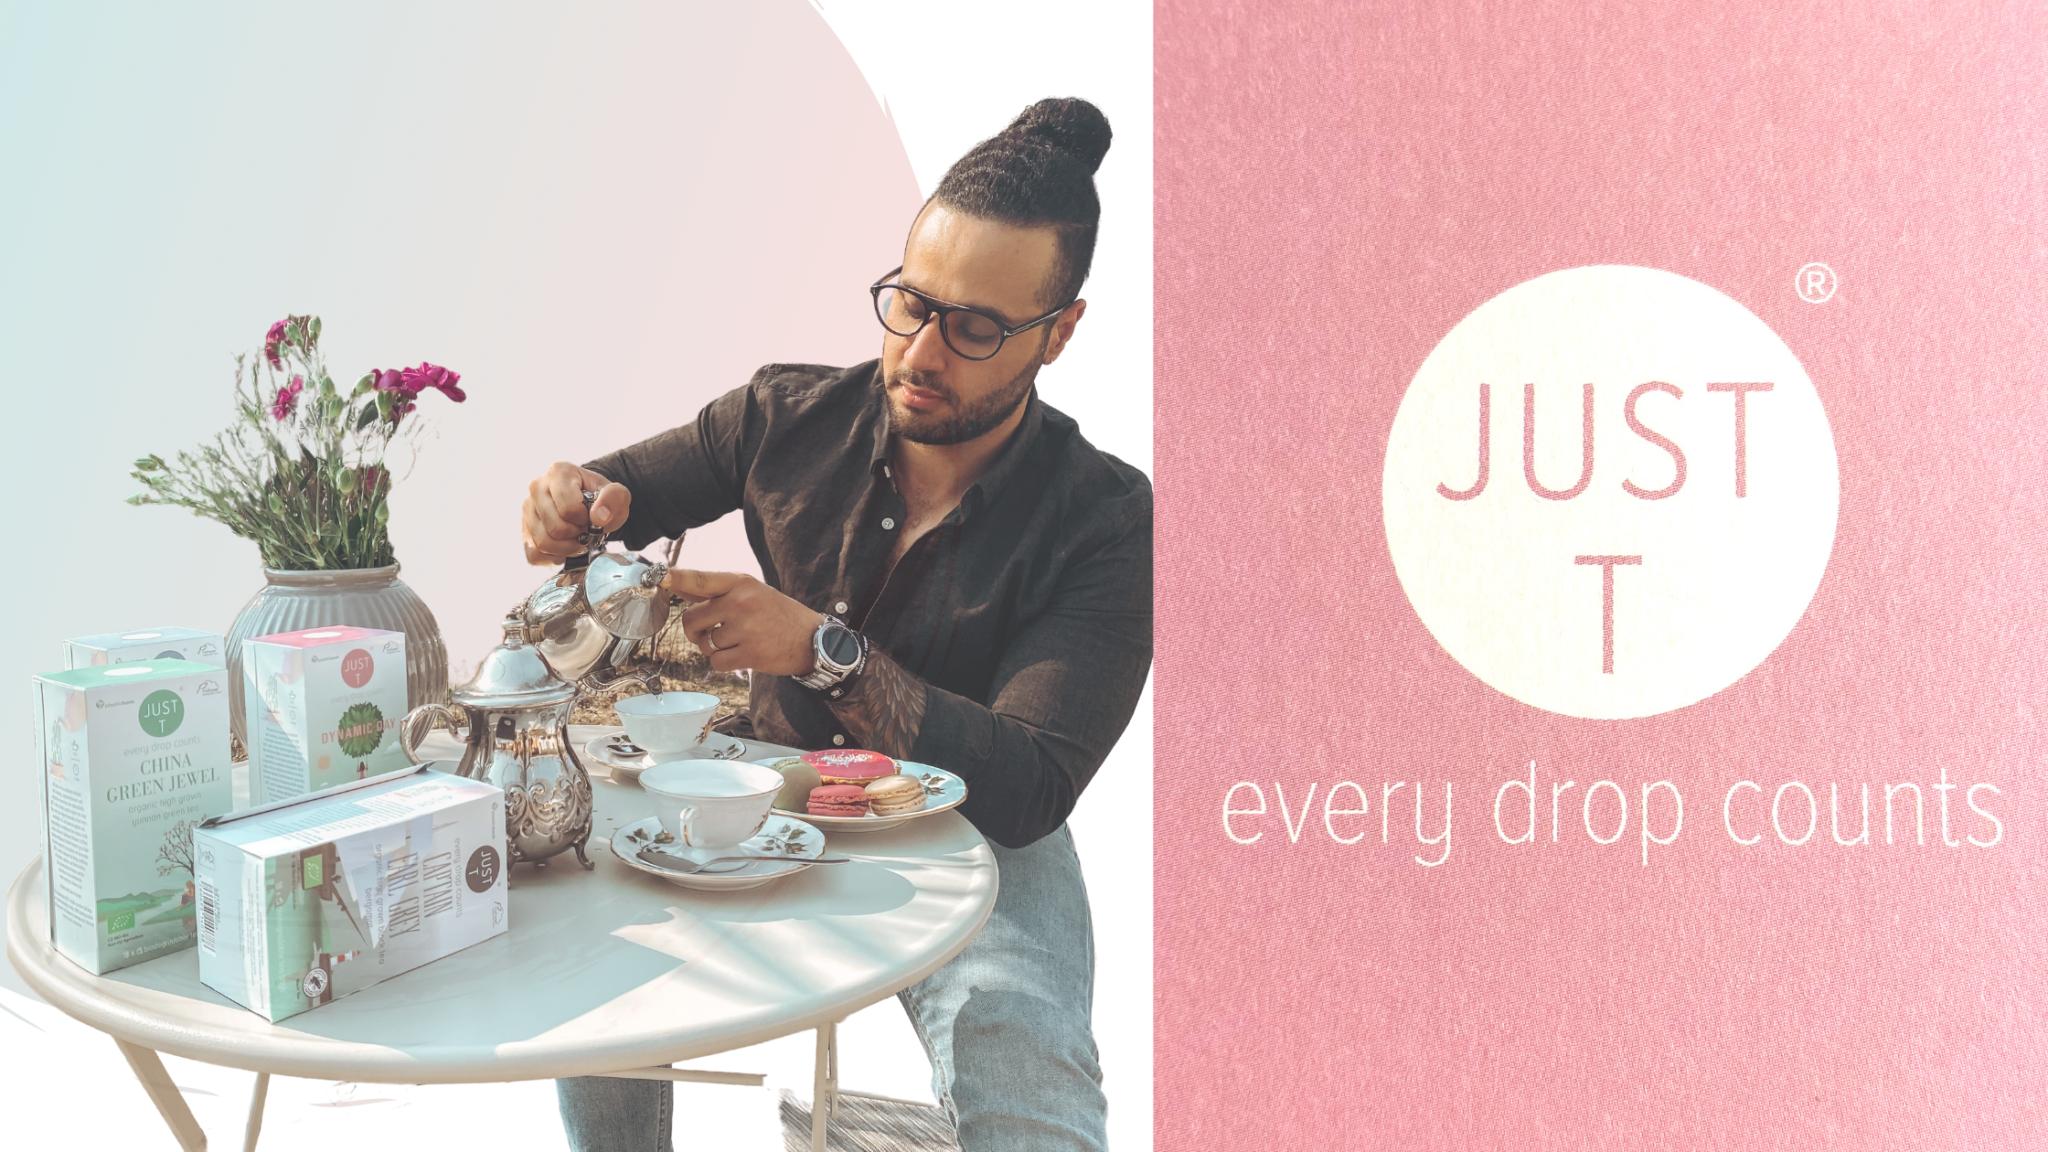 vastuullisia teehetkiä, Just t logo, sekä teksti every drop counts, mies istumassa päydä ääressä, kaatamassa teetä kannusta kuppiin, pöydällä kukkia maljakossa ja teepaketteja.